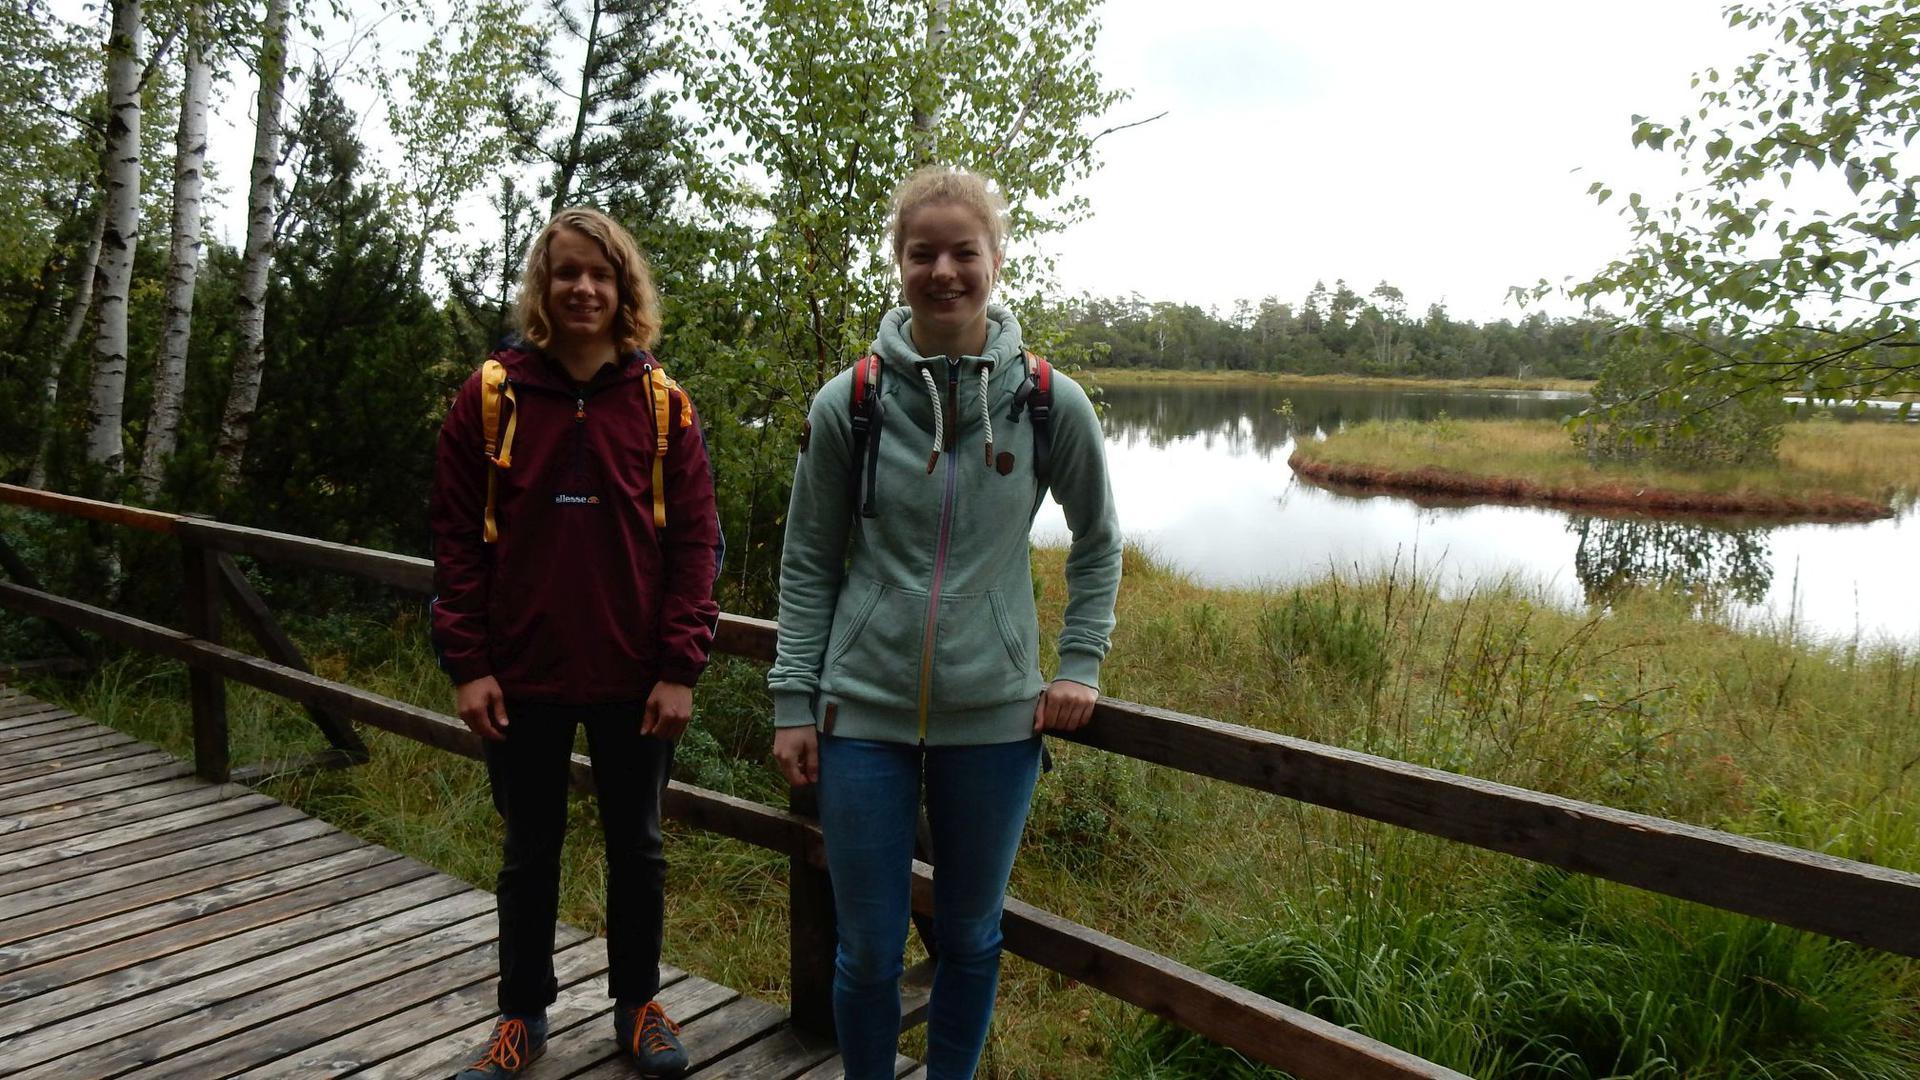 Elischa Mannal (links) und Anna Sinke in Wanderkleidung auf dem Bohlenweg am See im Hochmoorgebiet Kaltenbronn